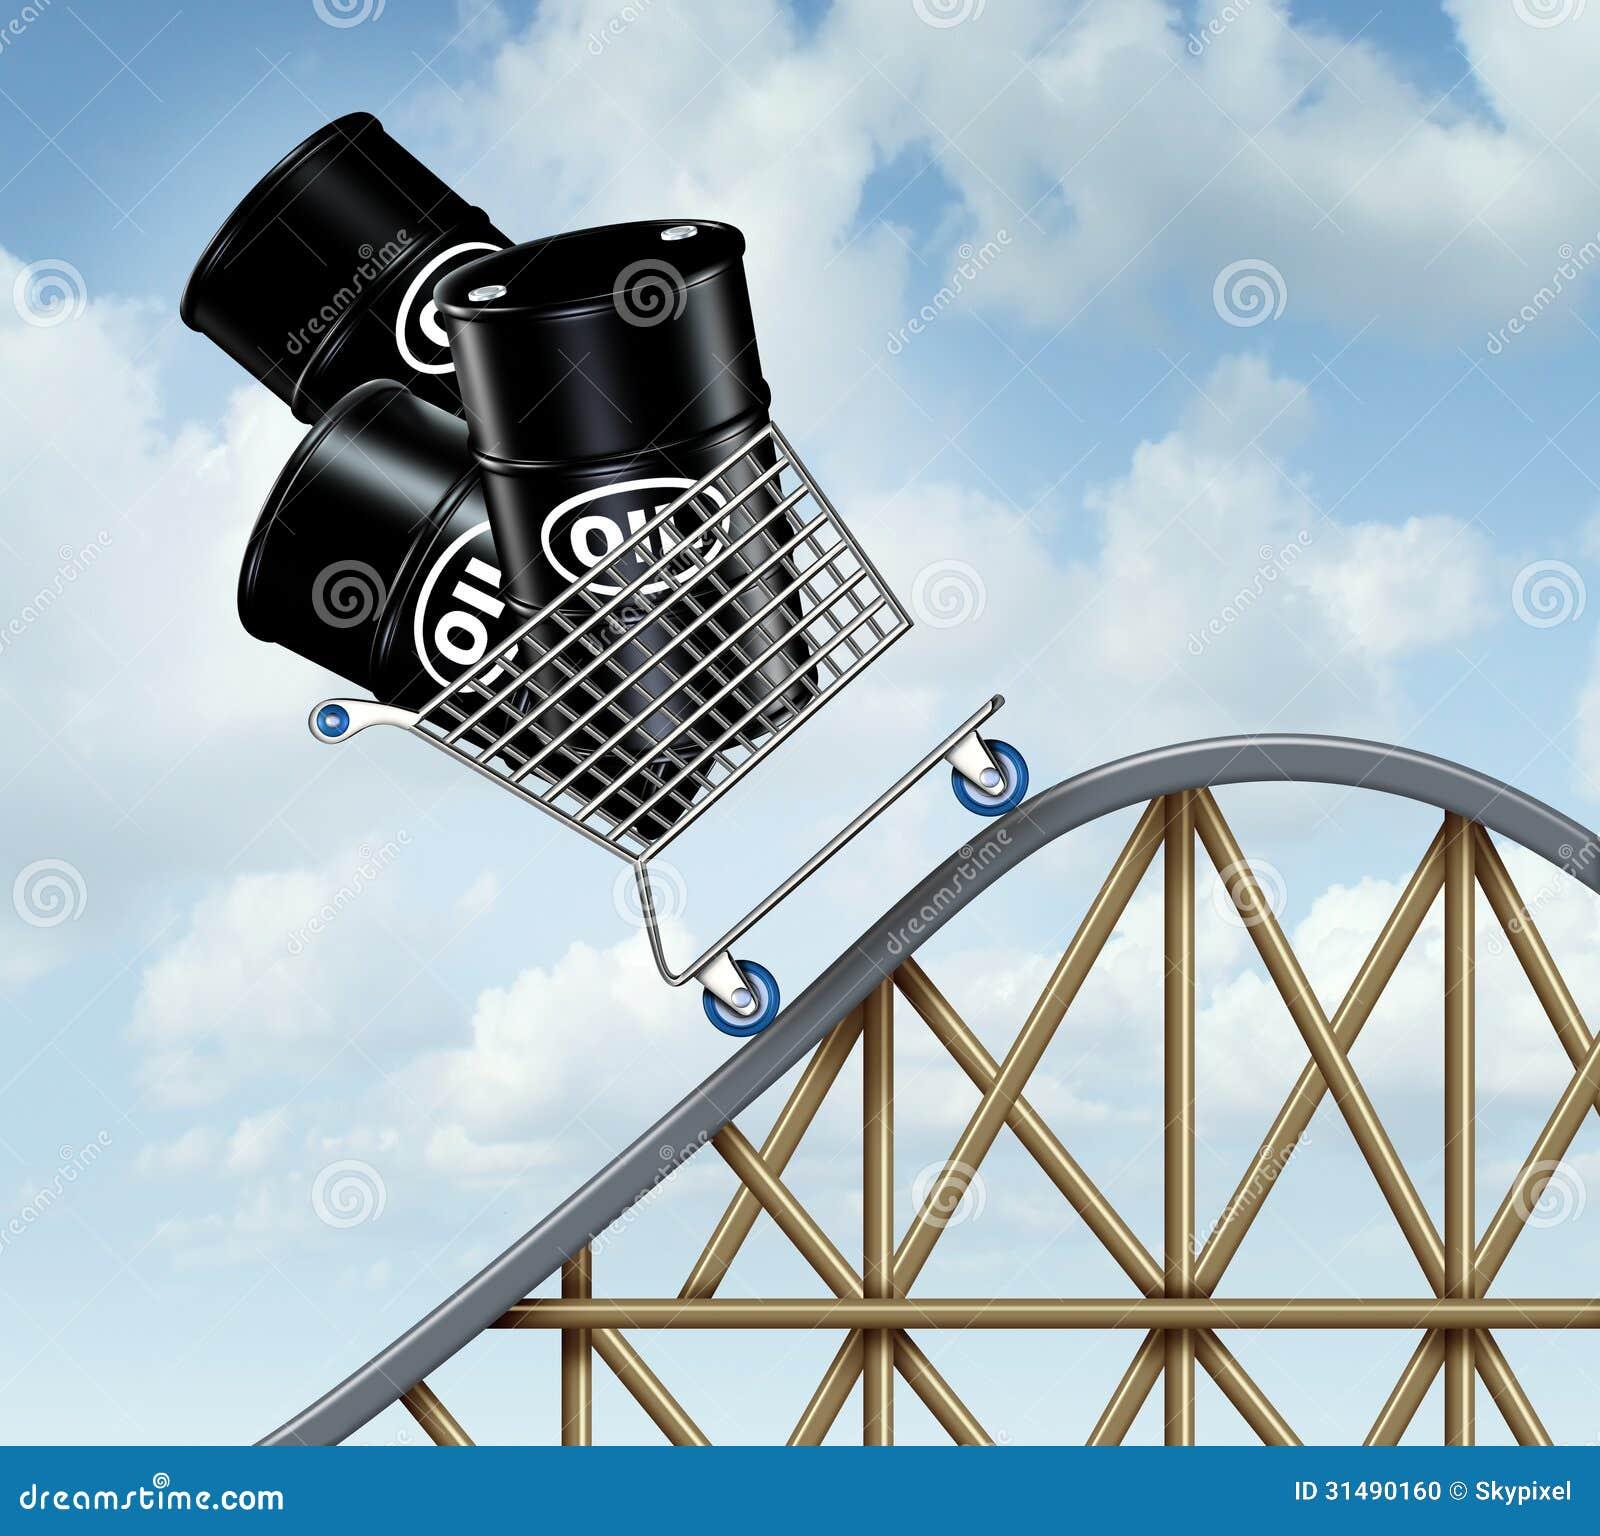 Prix du pétrole en hausse